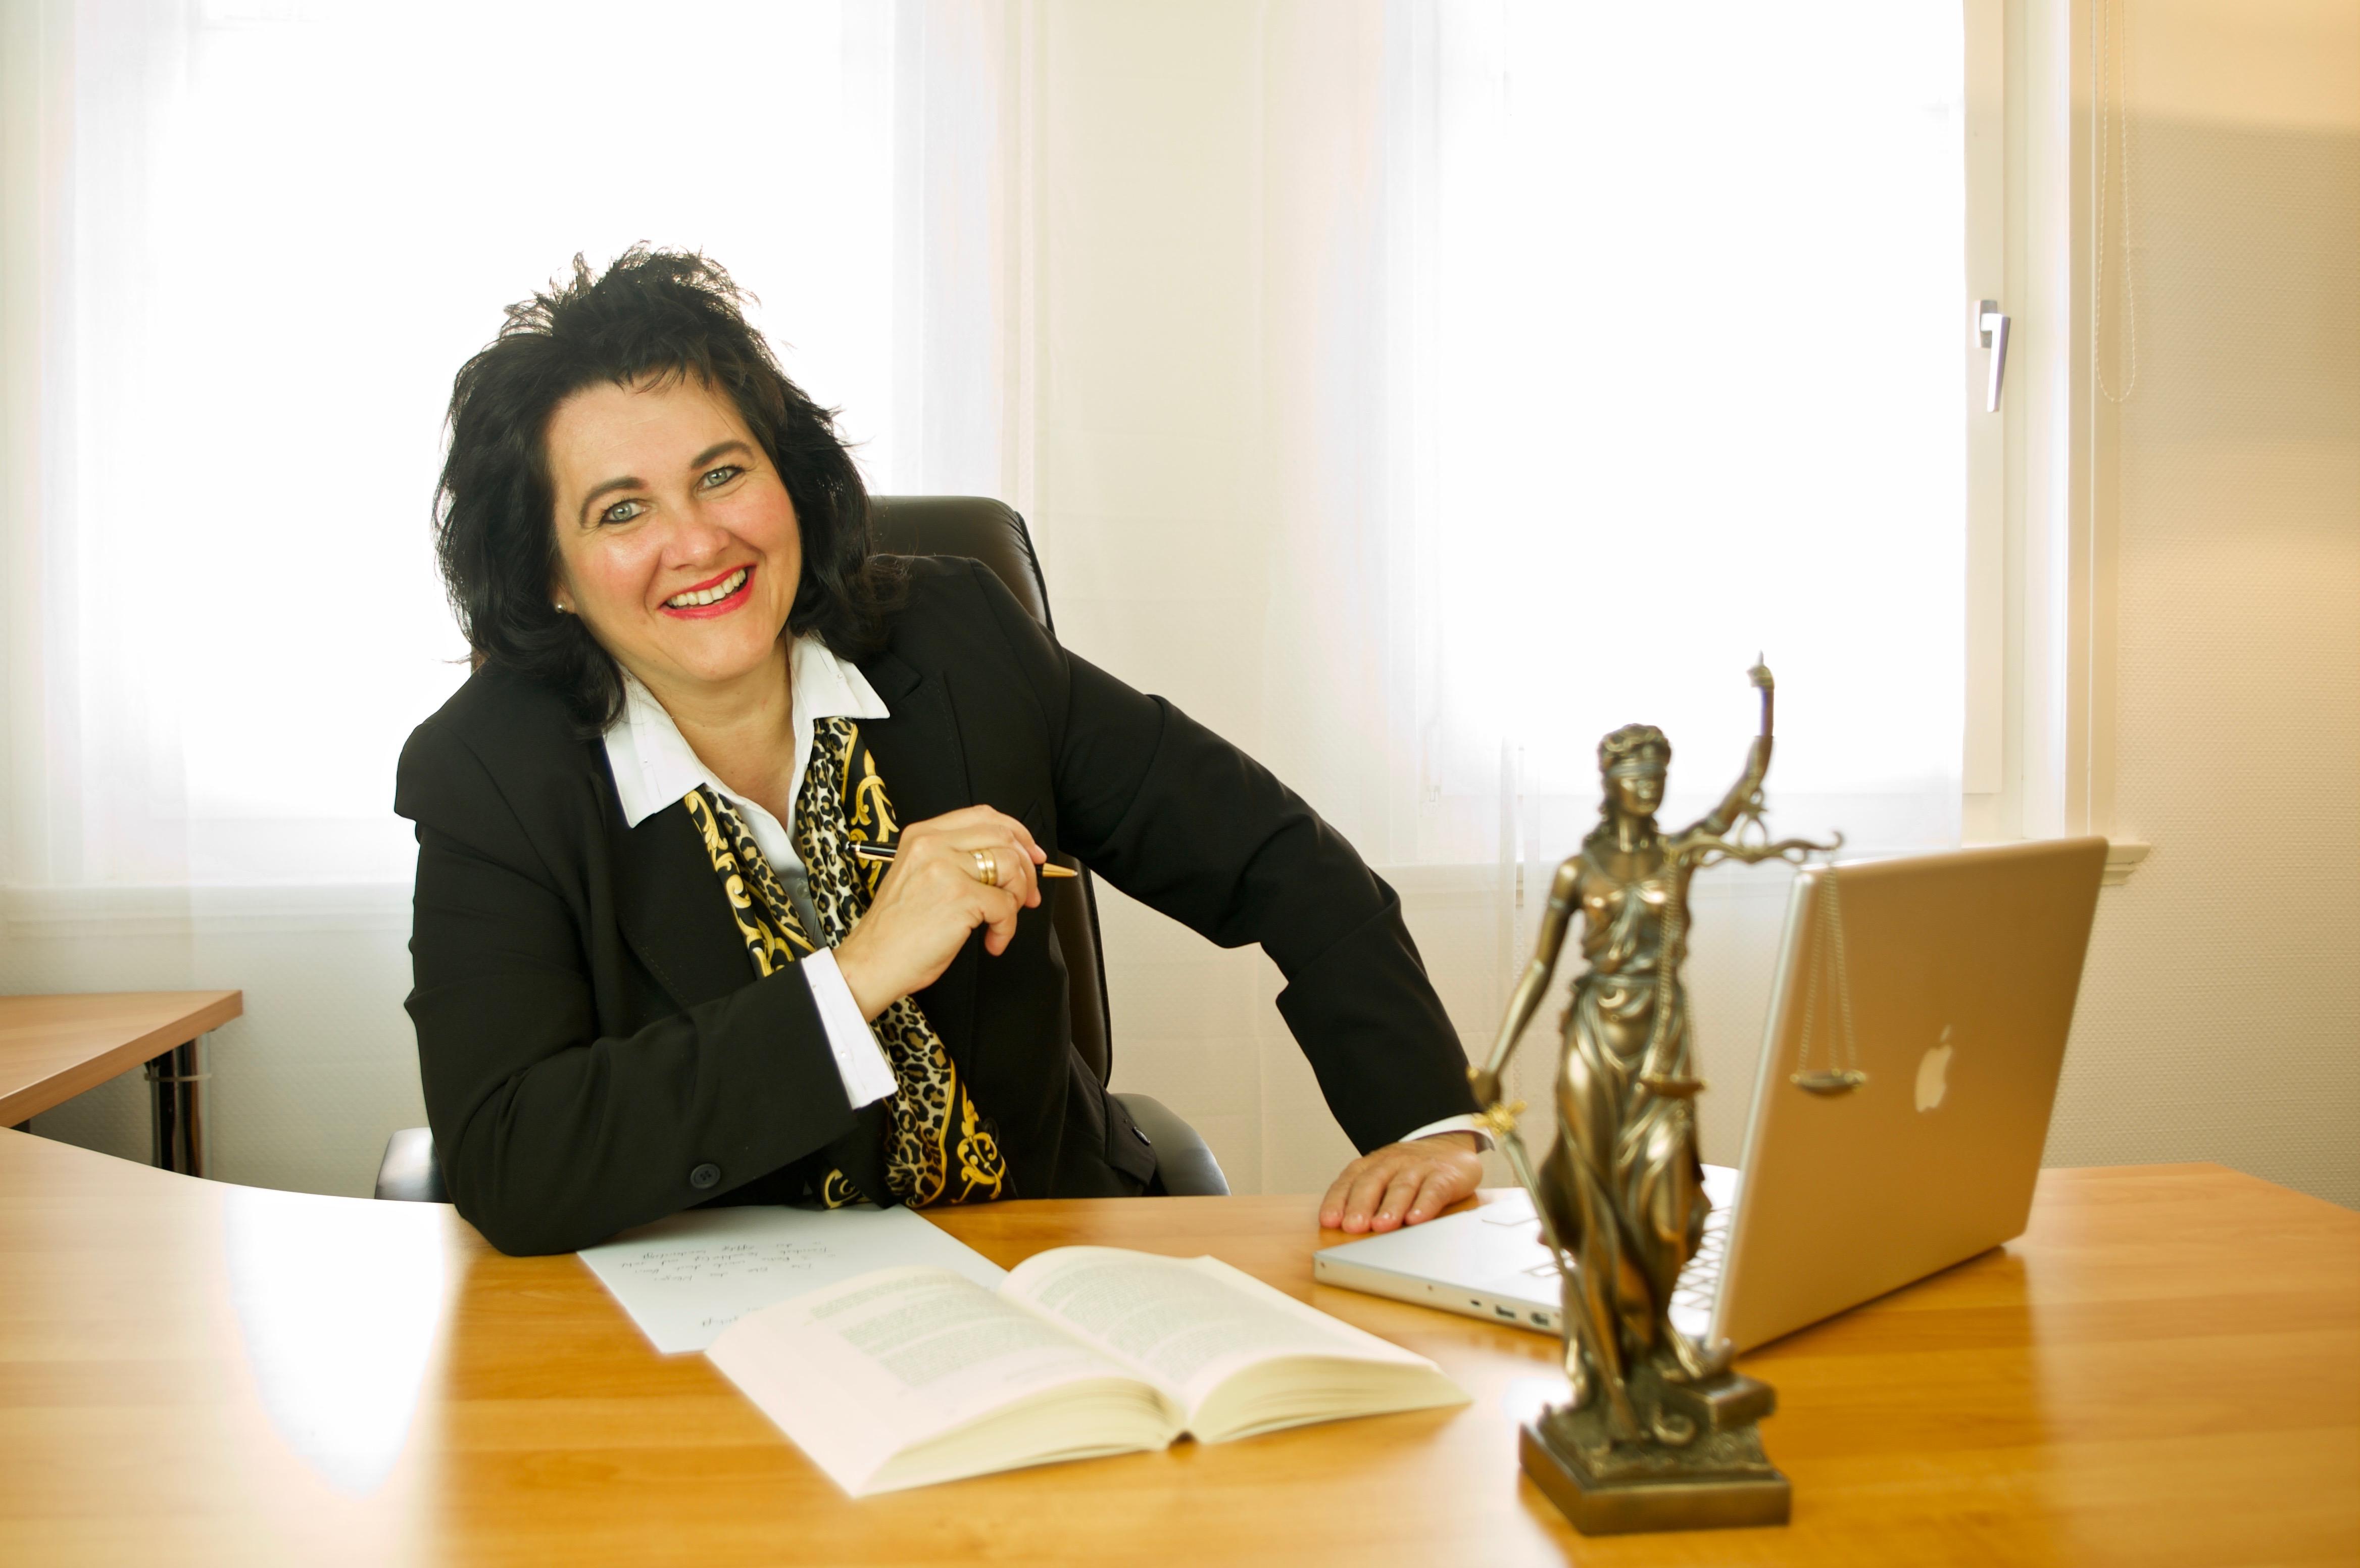 Jeanette König-Abresch